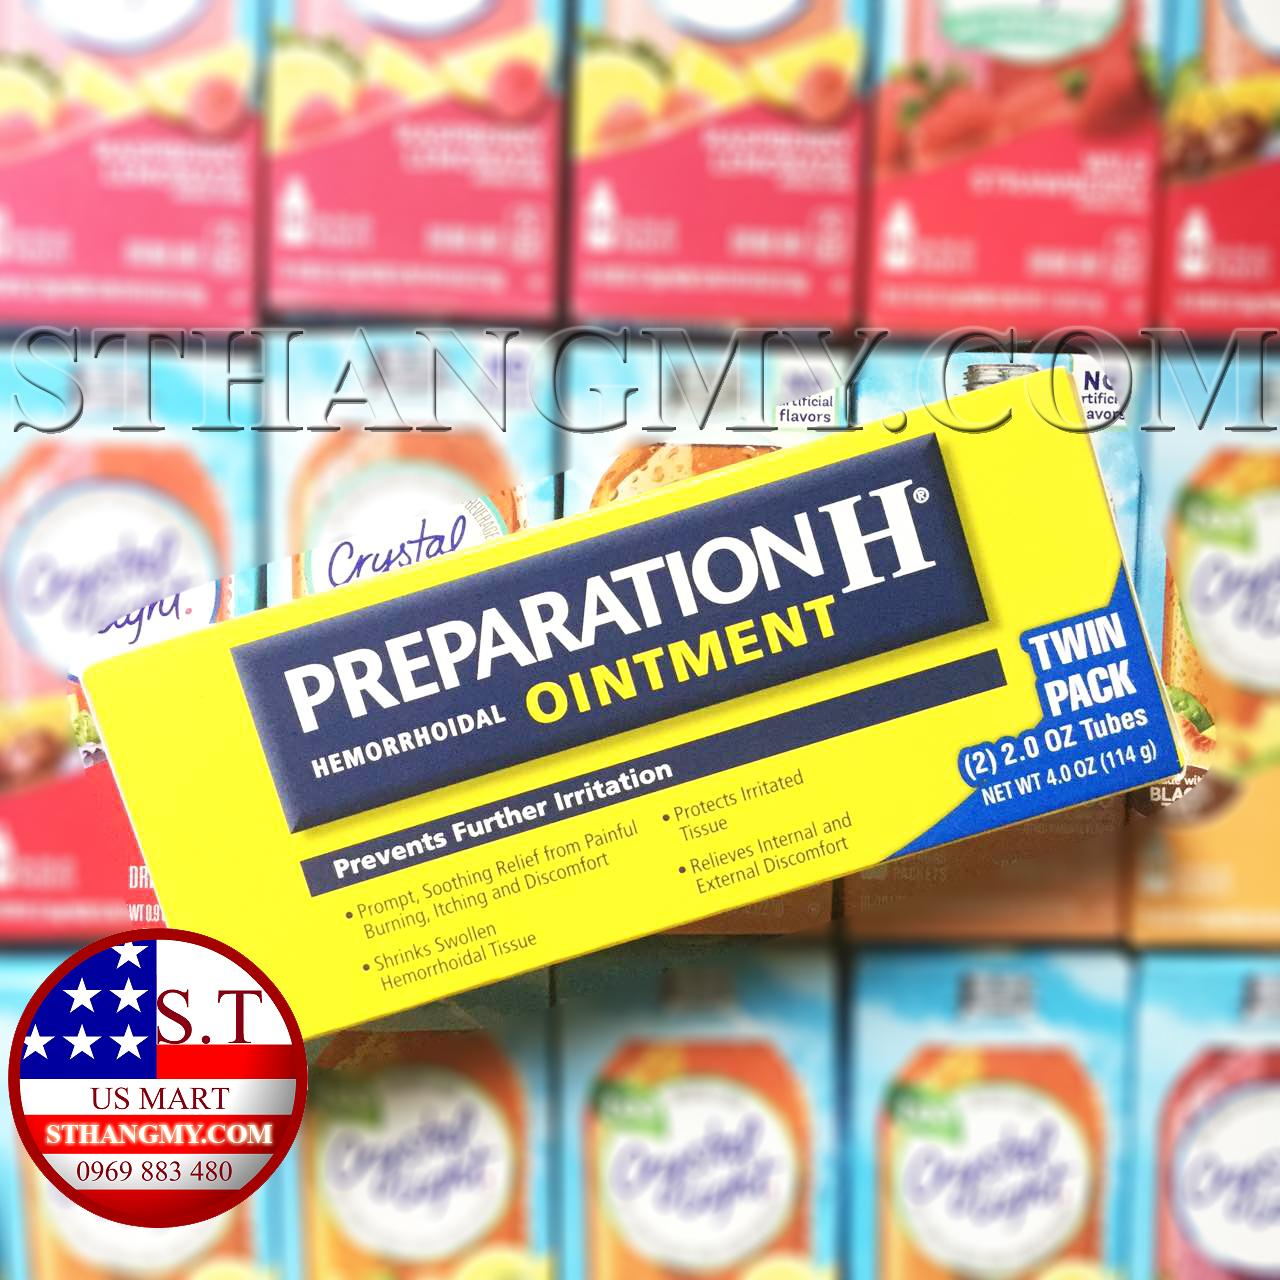 Thuốc mỡ bôi trĩ Preparation H® Ointment  hộp 2 tuýp 57g - giảm đau, co búi trĩ.